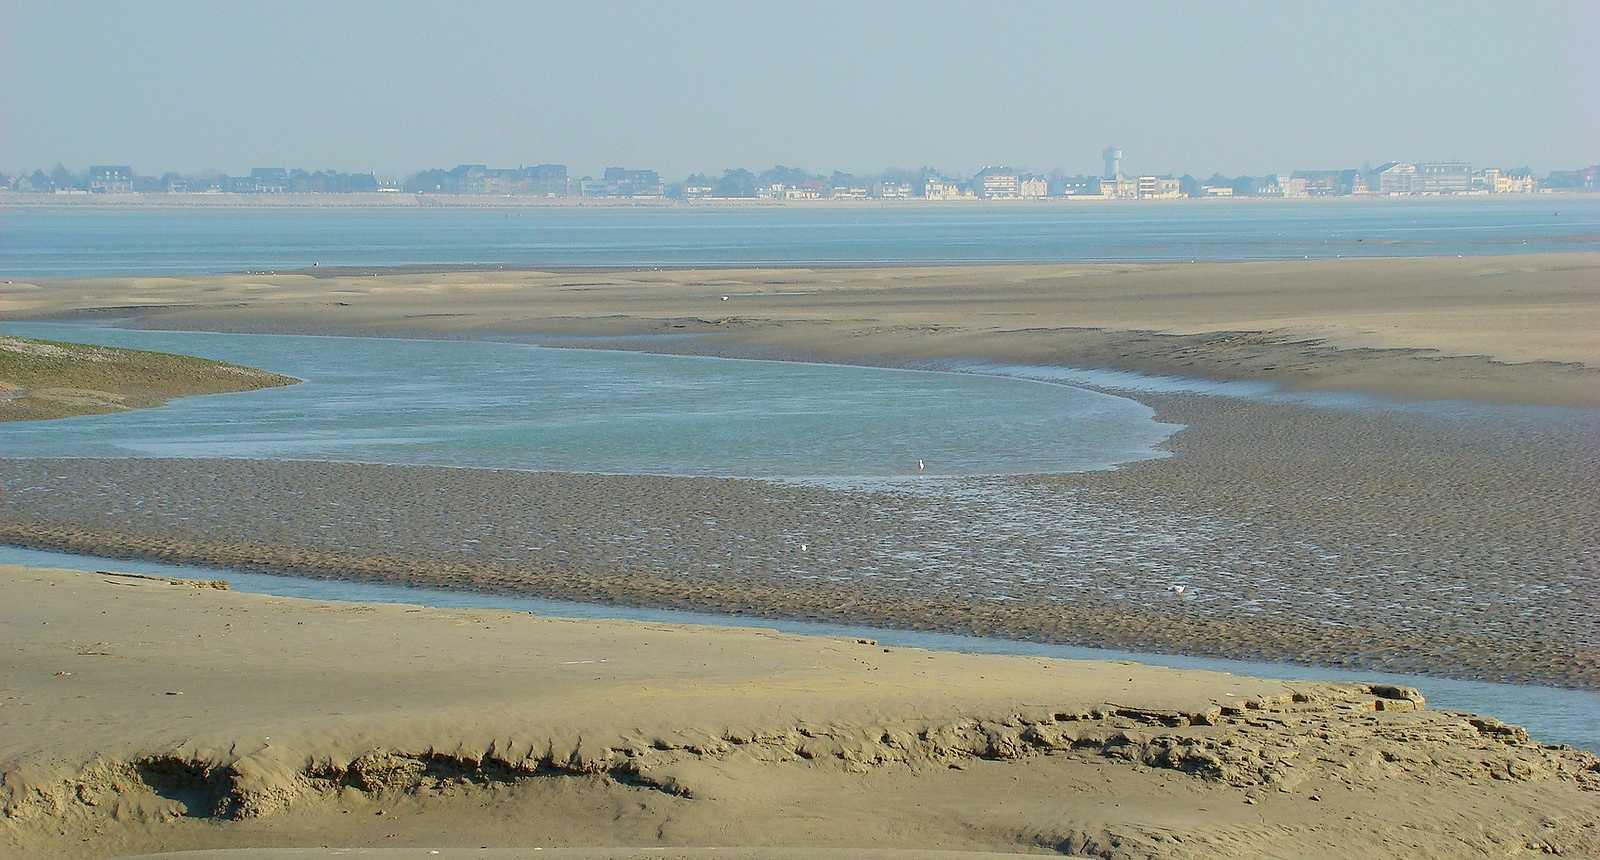 Photo la baie de somme vue du hourdel 2840 diaporamas - Office de tourisme de la baie de somme ...